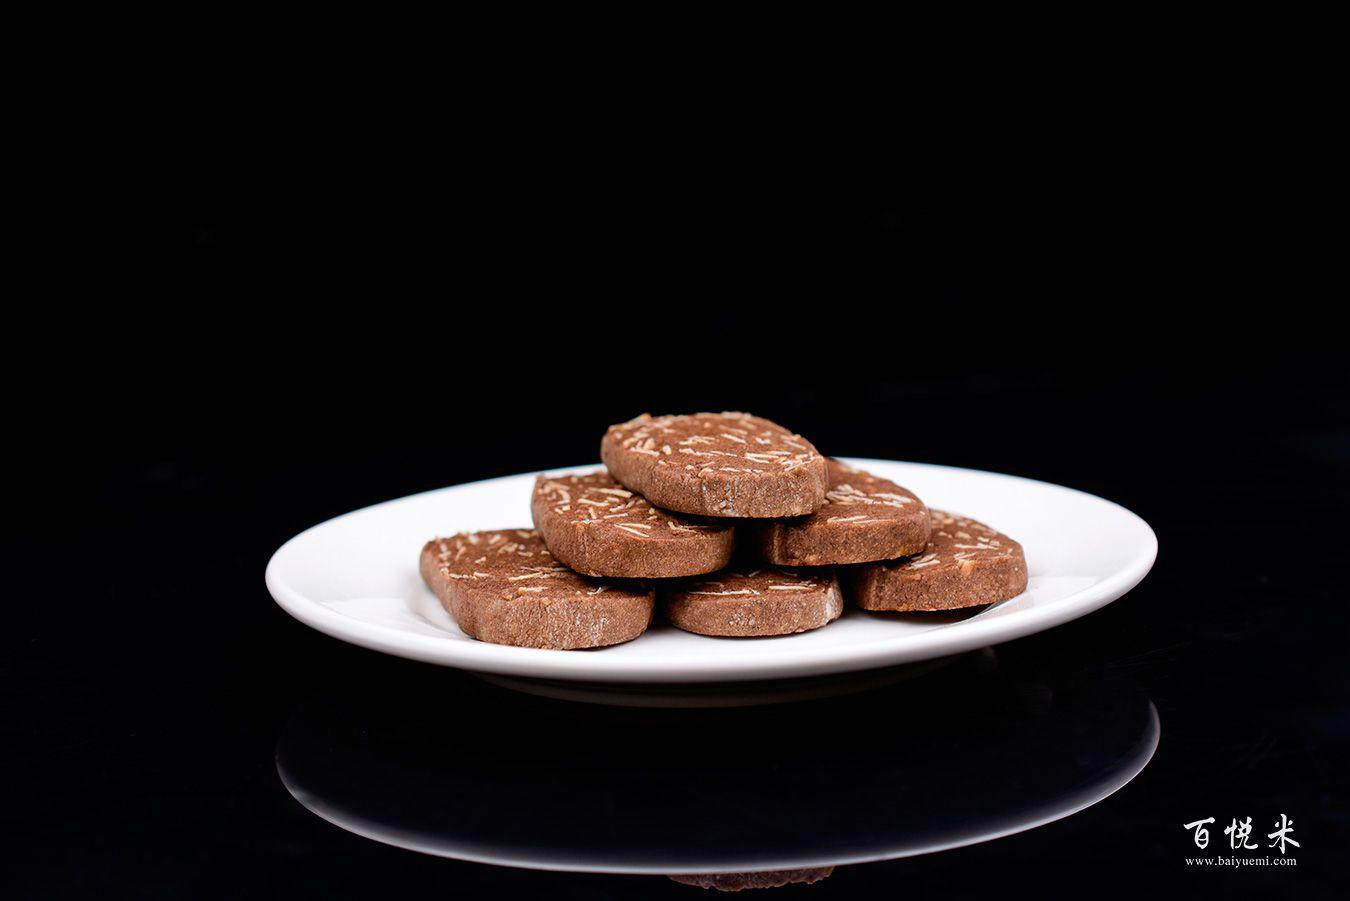 杏仁巧克力饼干高清图片大全【蛋糕图片】_345